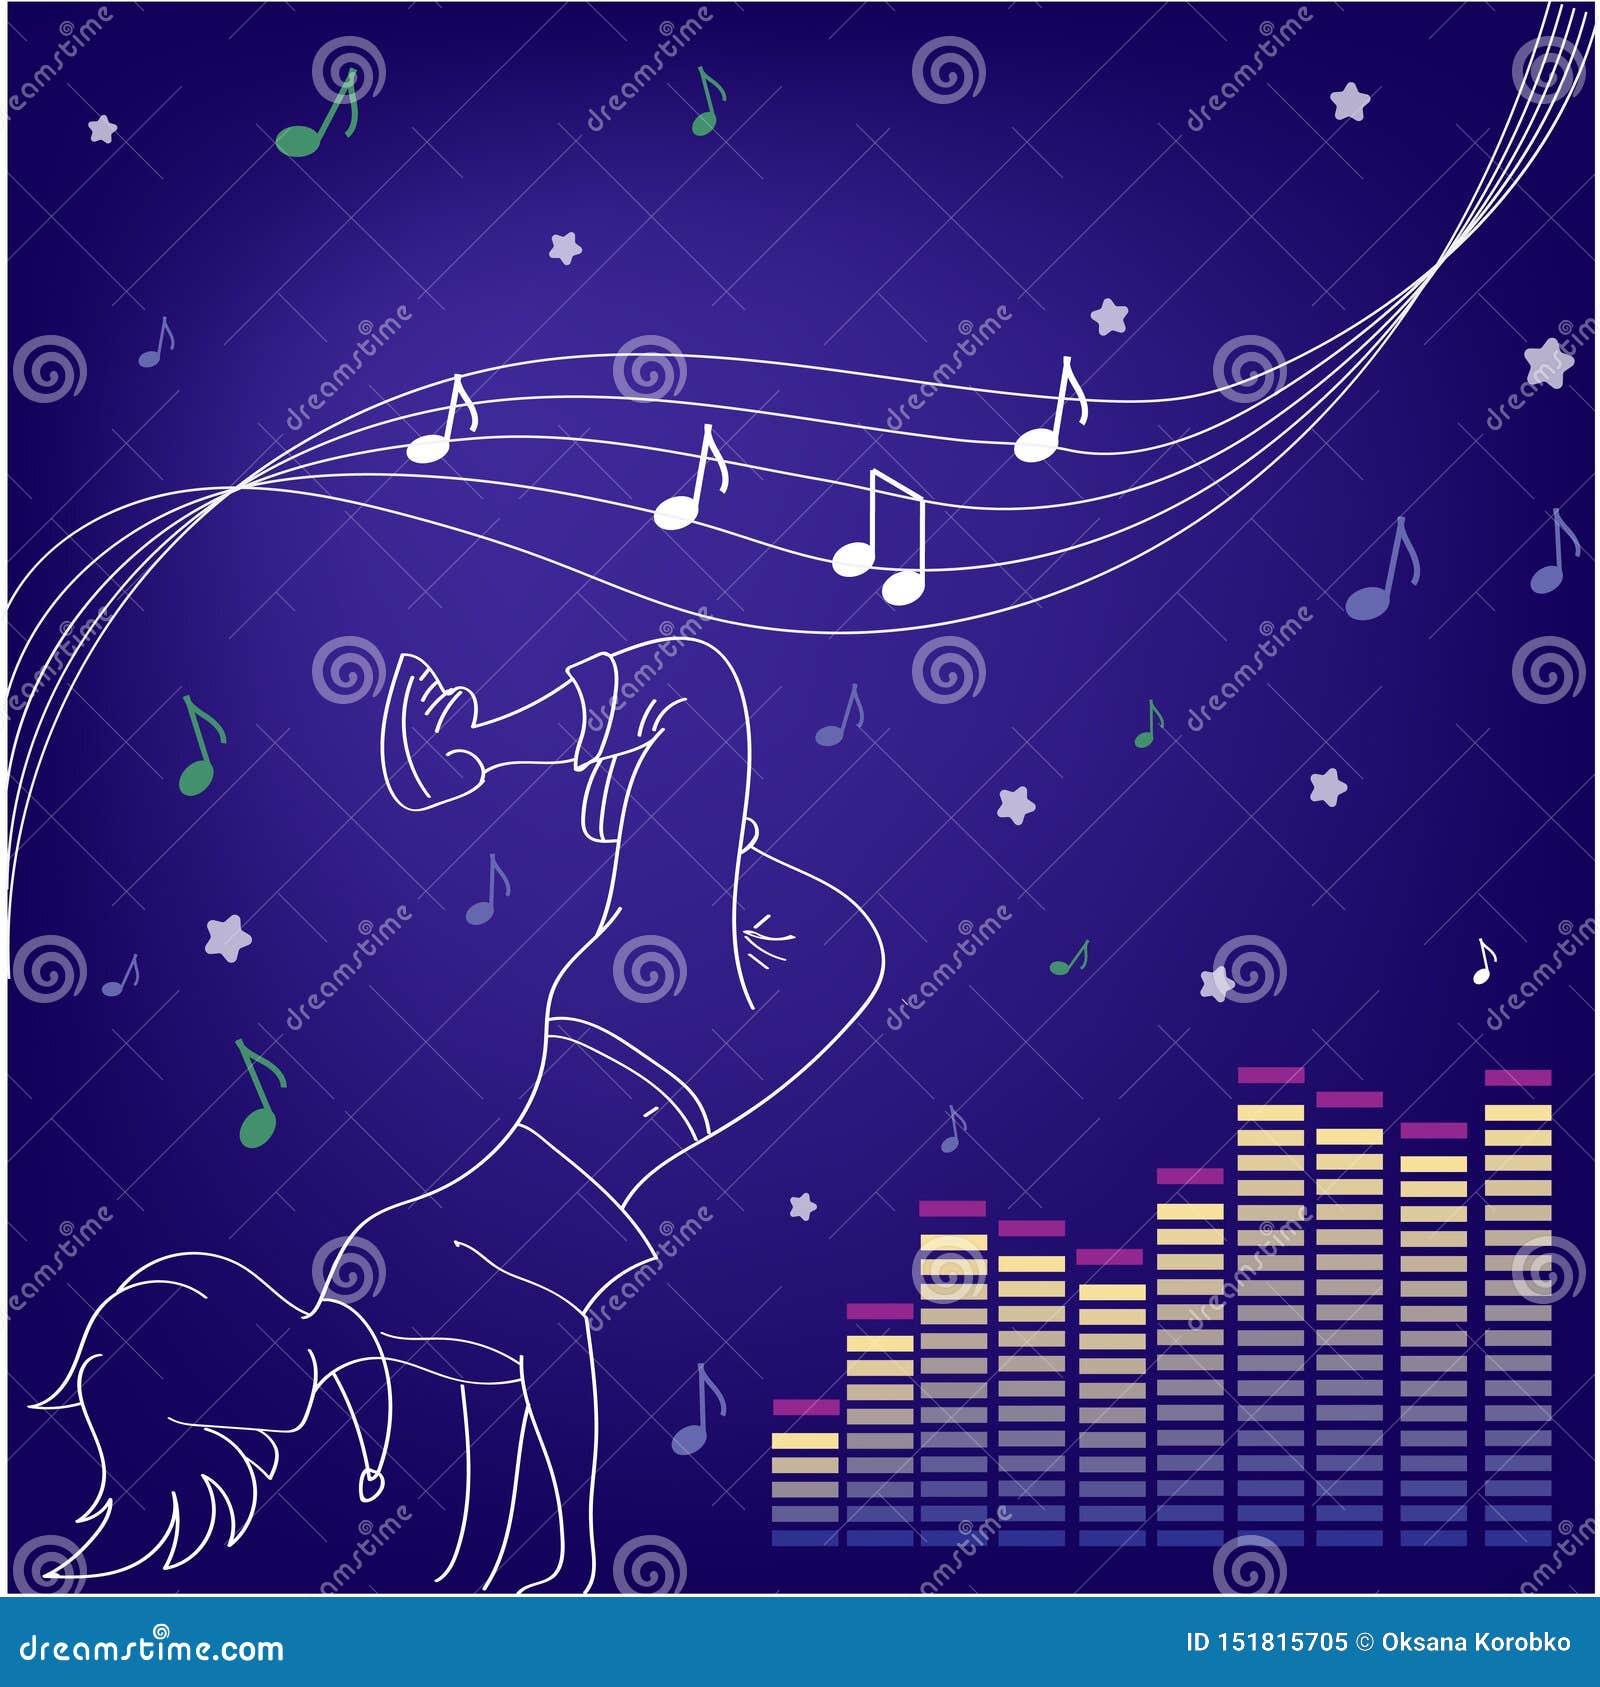 Tanczy muzyk? Sylwetki ludzie tanczy?